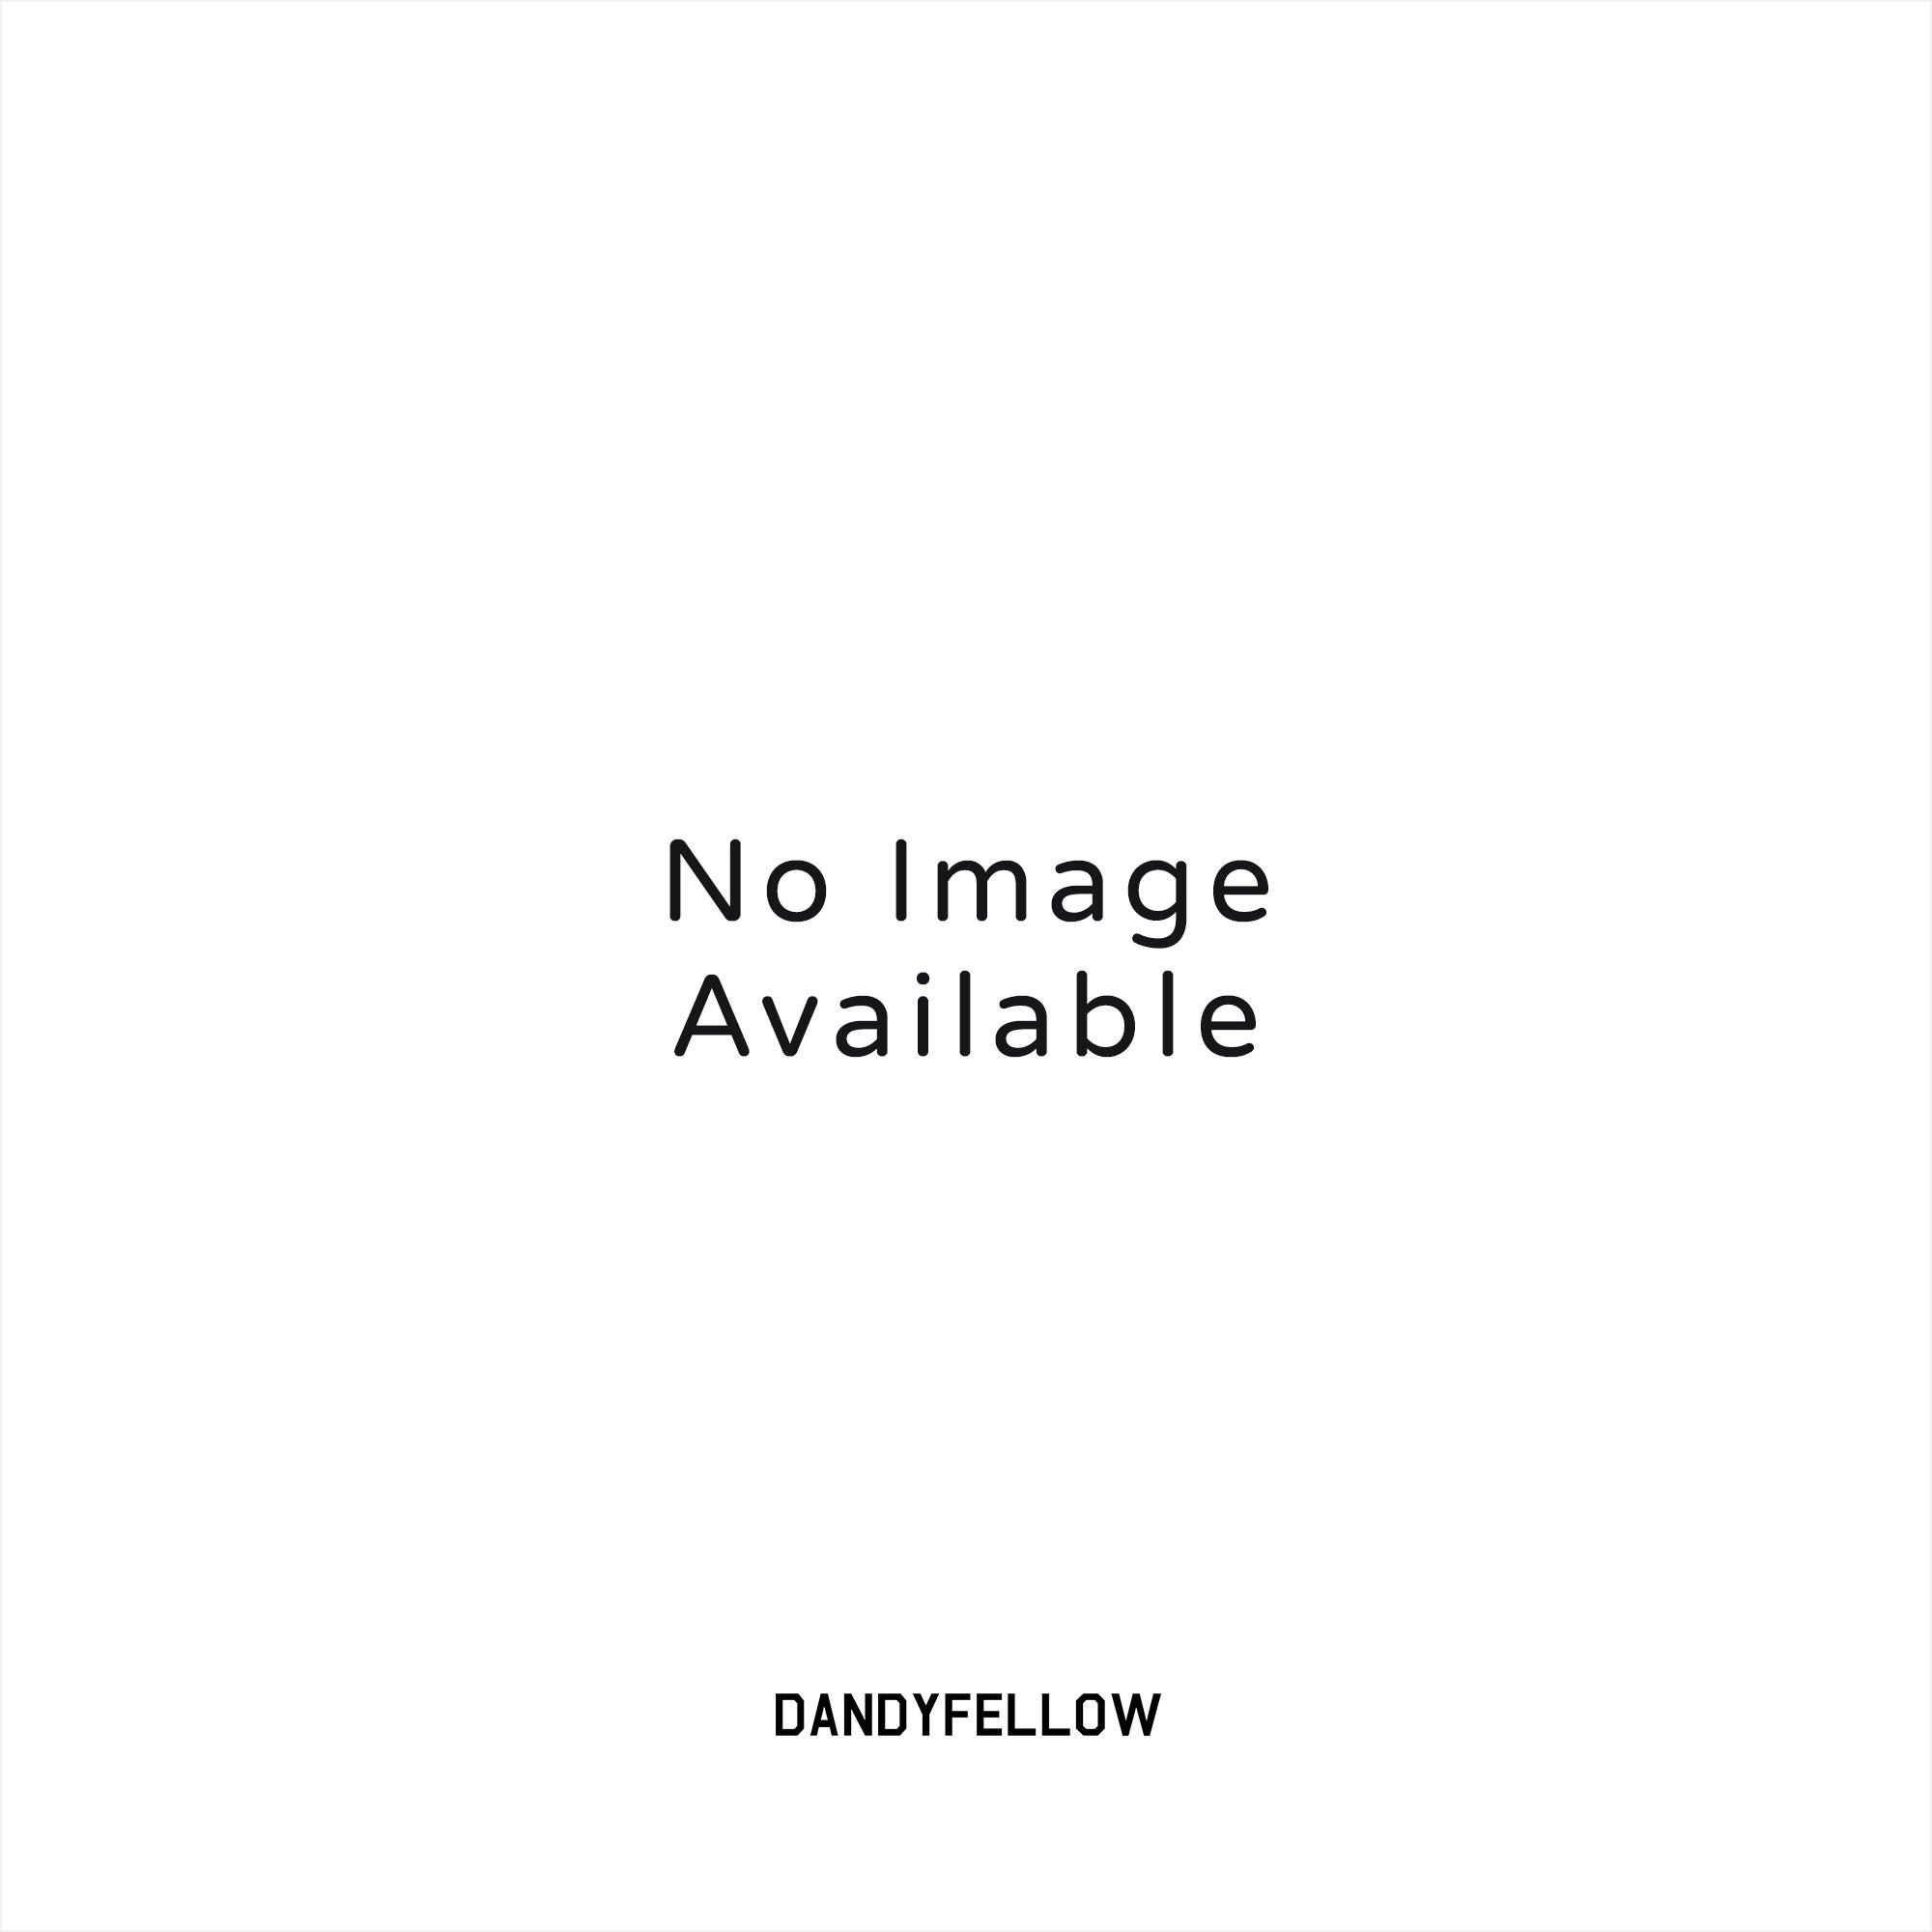 Lacoste Semi Fancy Marine Polo Top OH0648 00 TXK